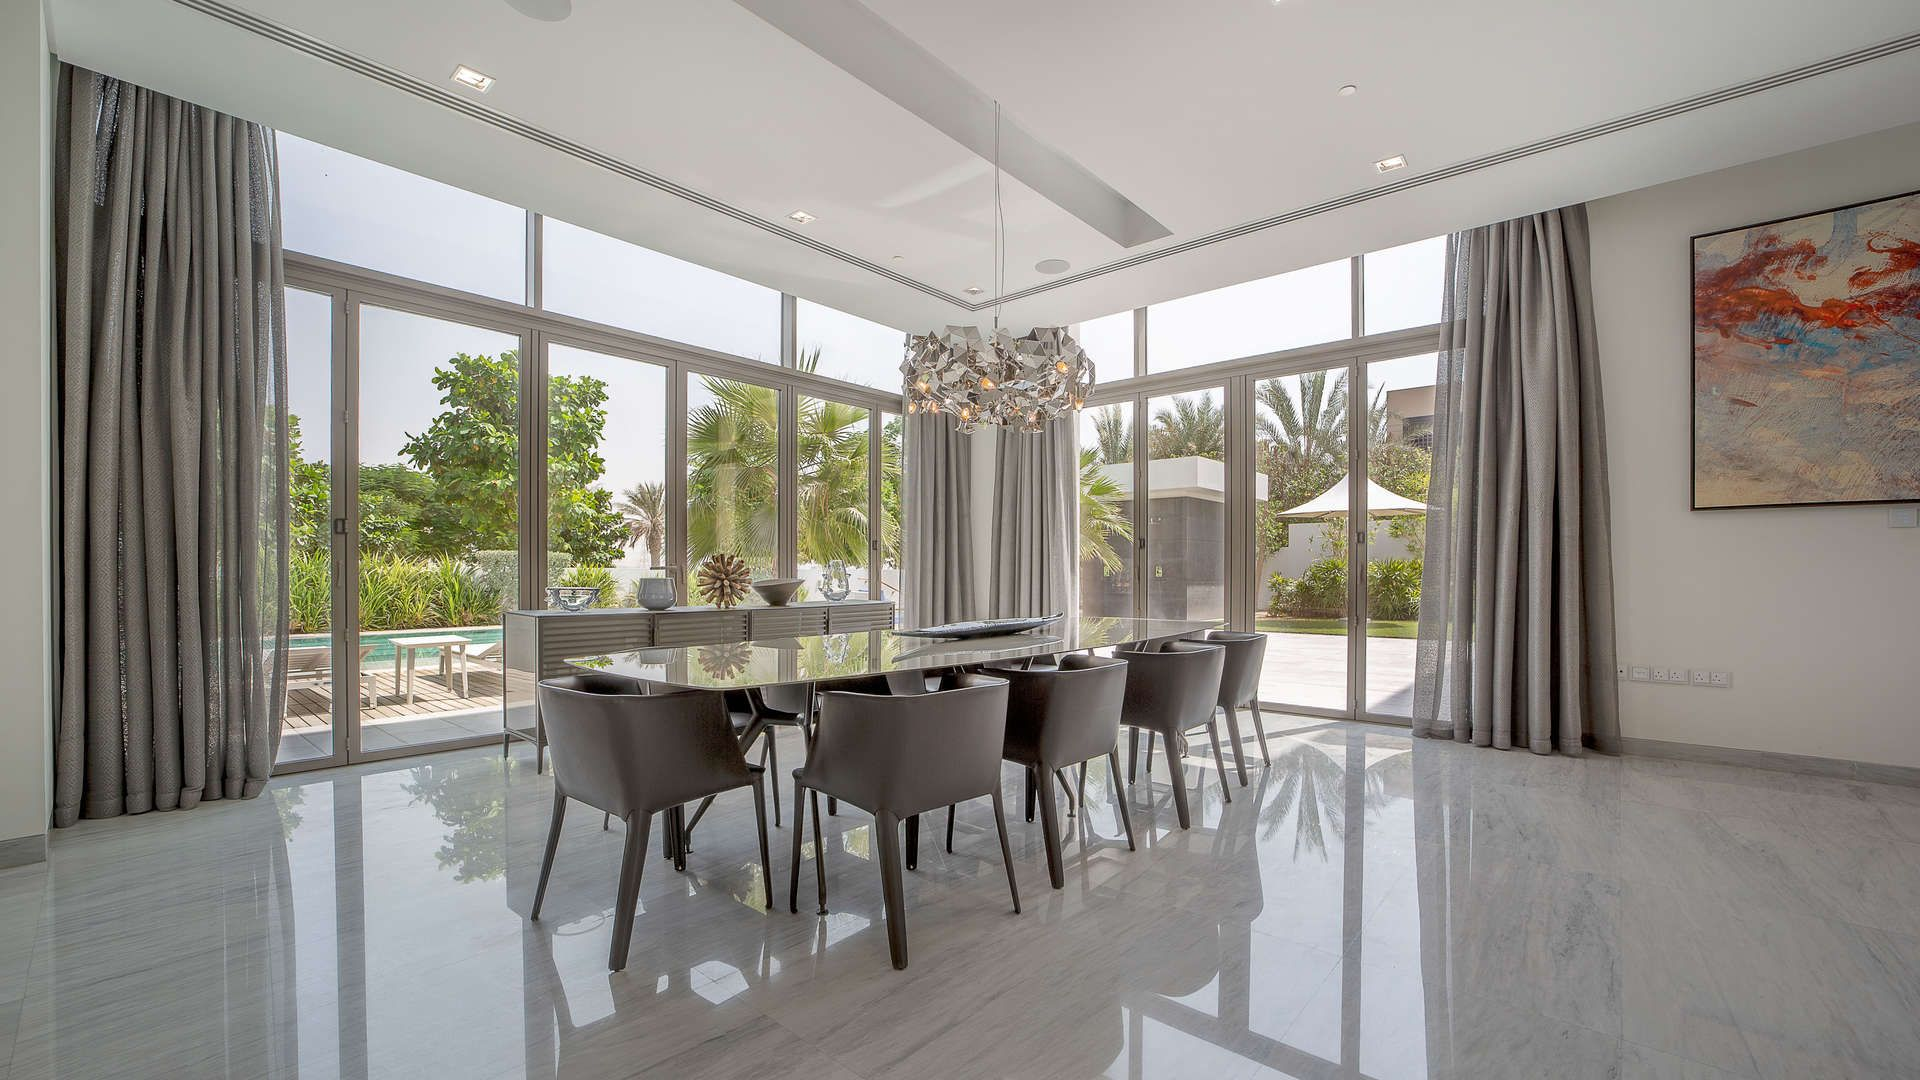 Villa en venta en Dubai, EAU, 4 dormitorios, 572 m2, № 24429 – foto 1